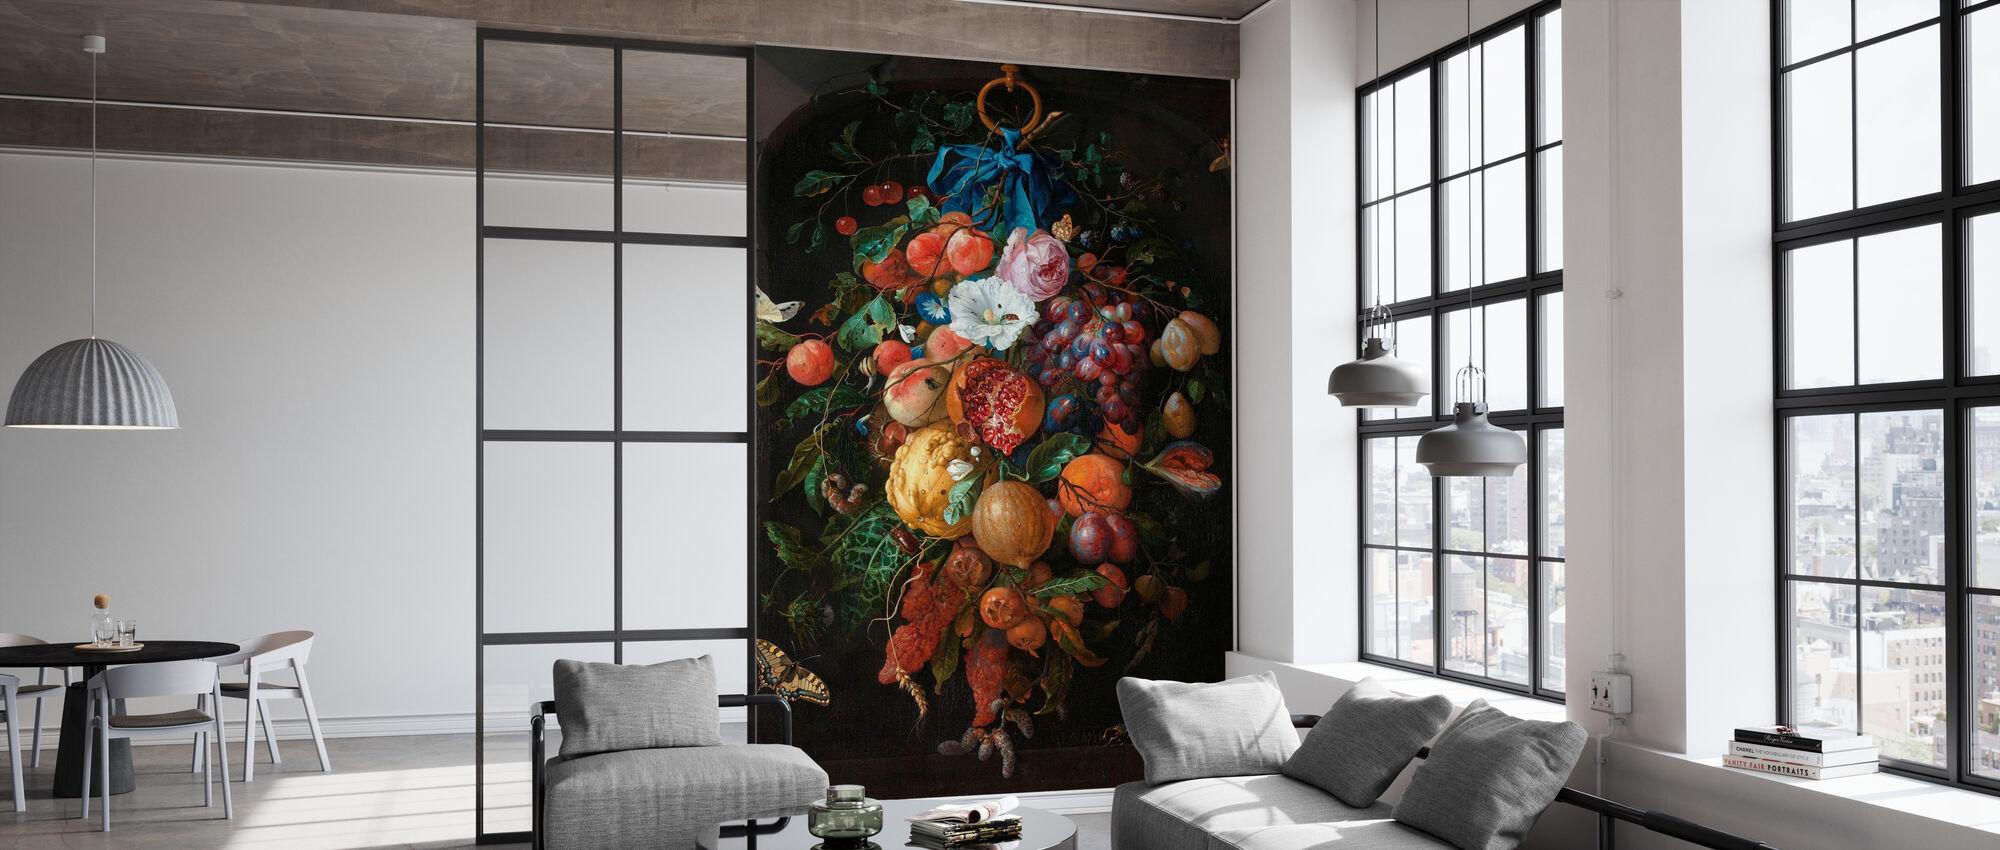 Girlande von Früchten und Blumen - Jan Davidsz De Heem - Tapete - Büro